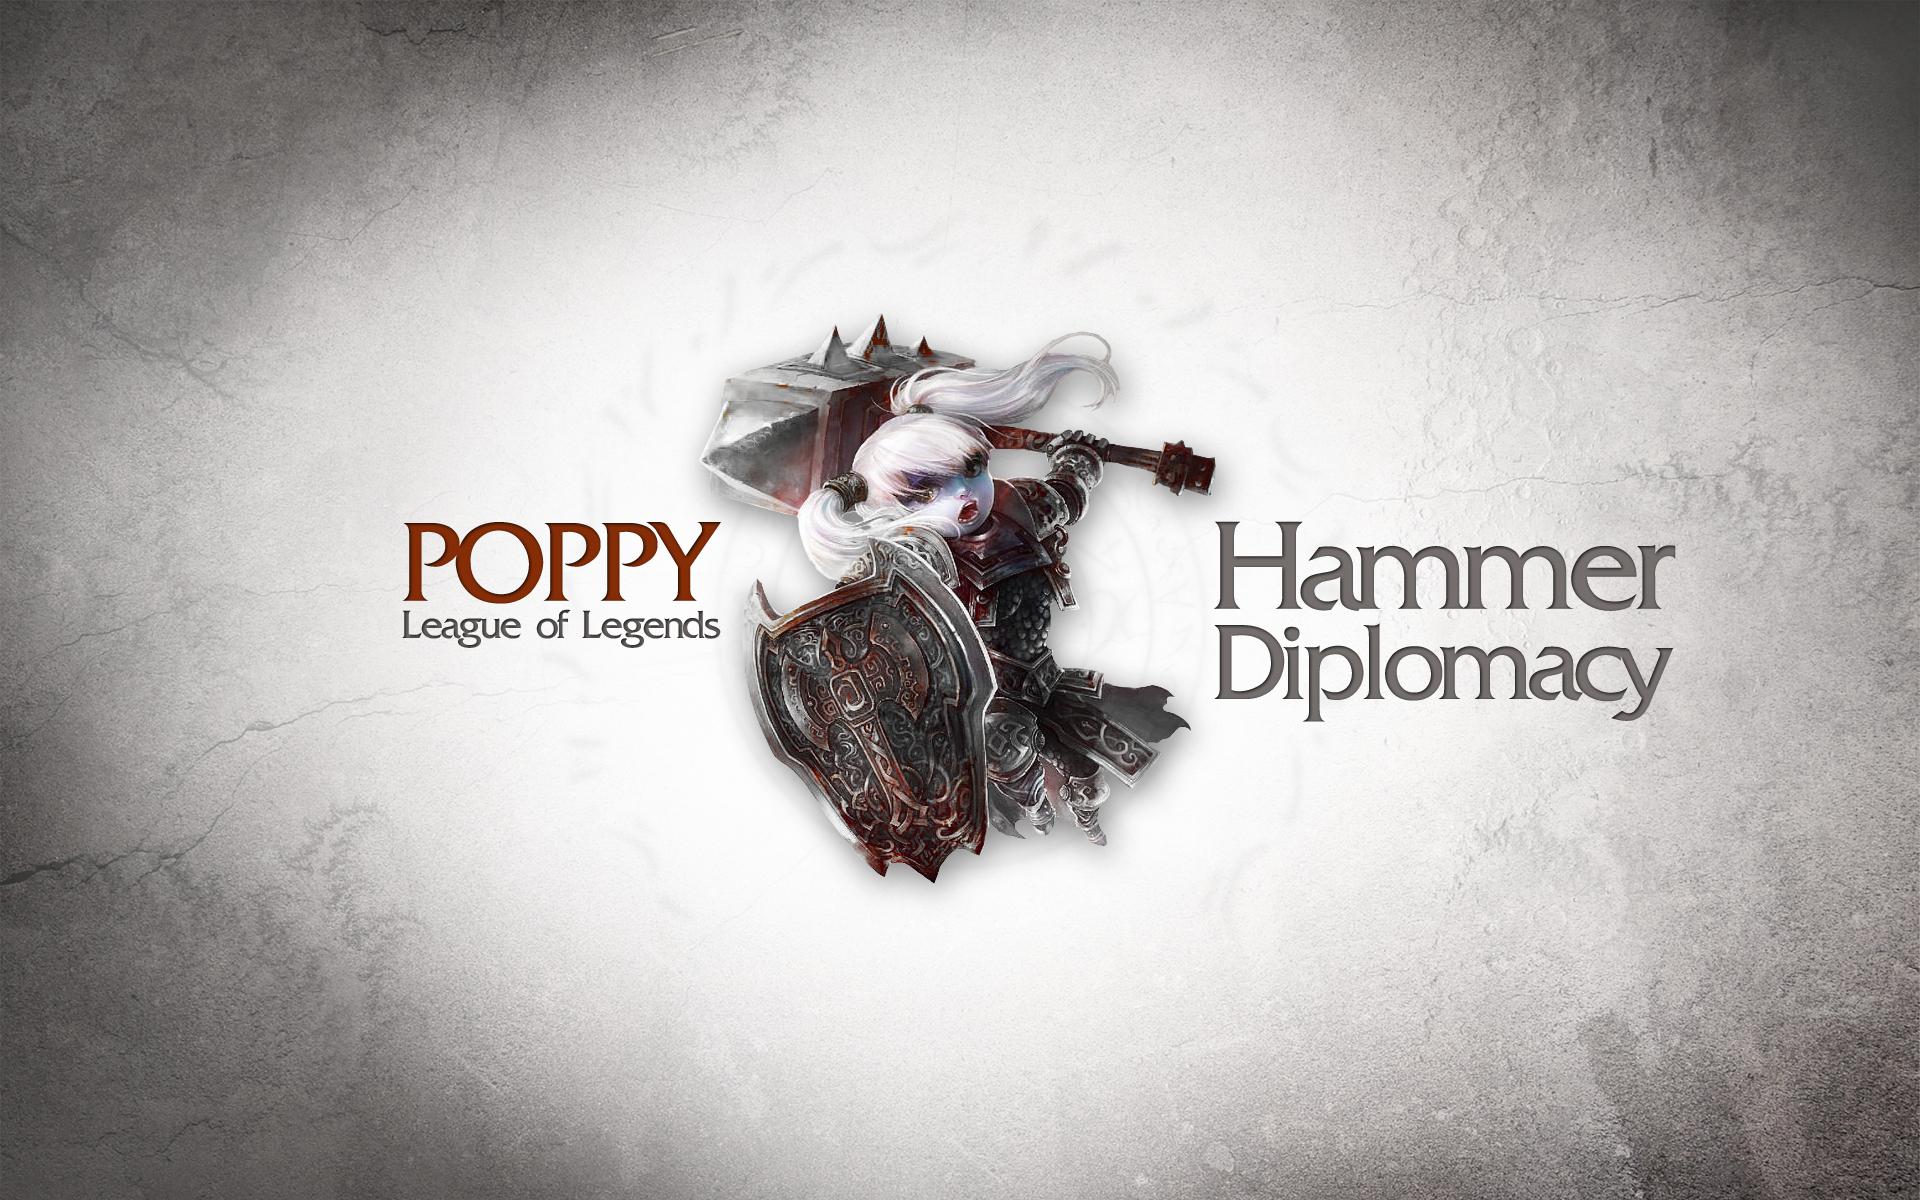 League Of Legends Poppy Wallpaper: Poppy League Of Legends Wallpaper